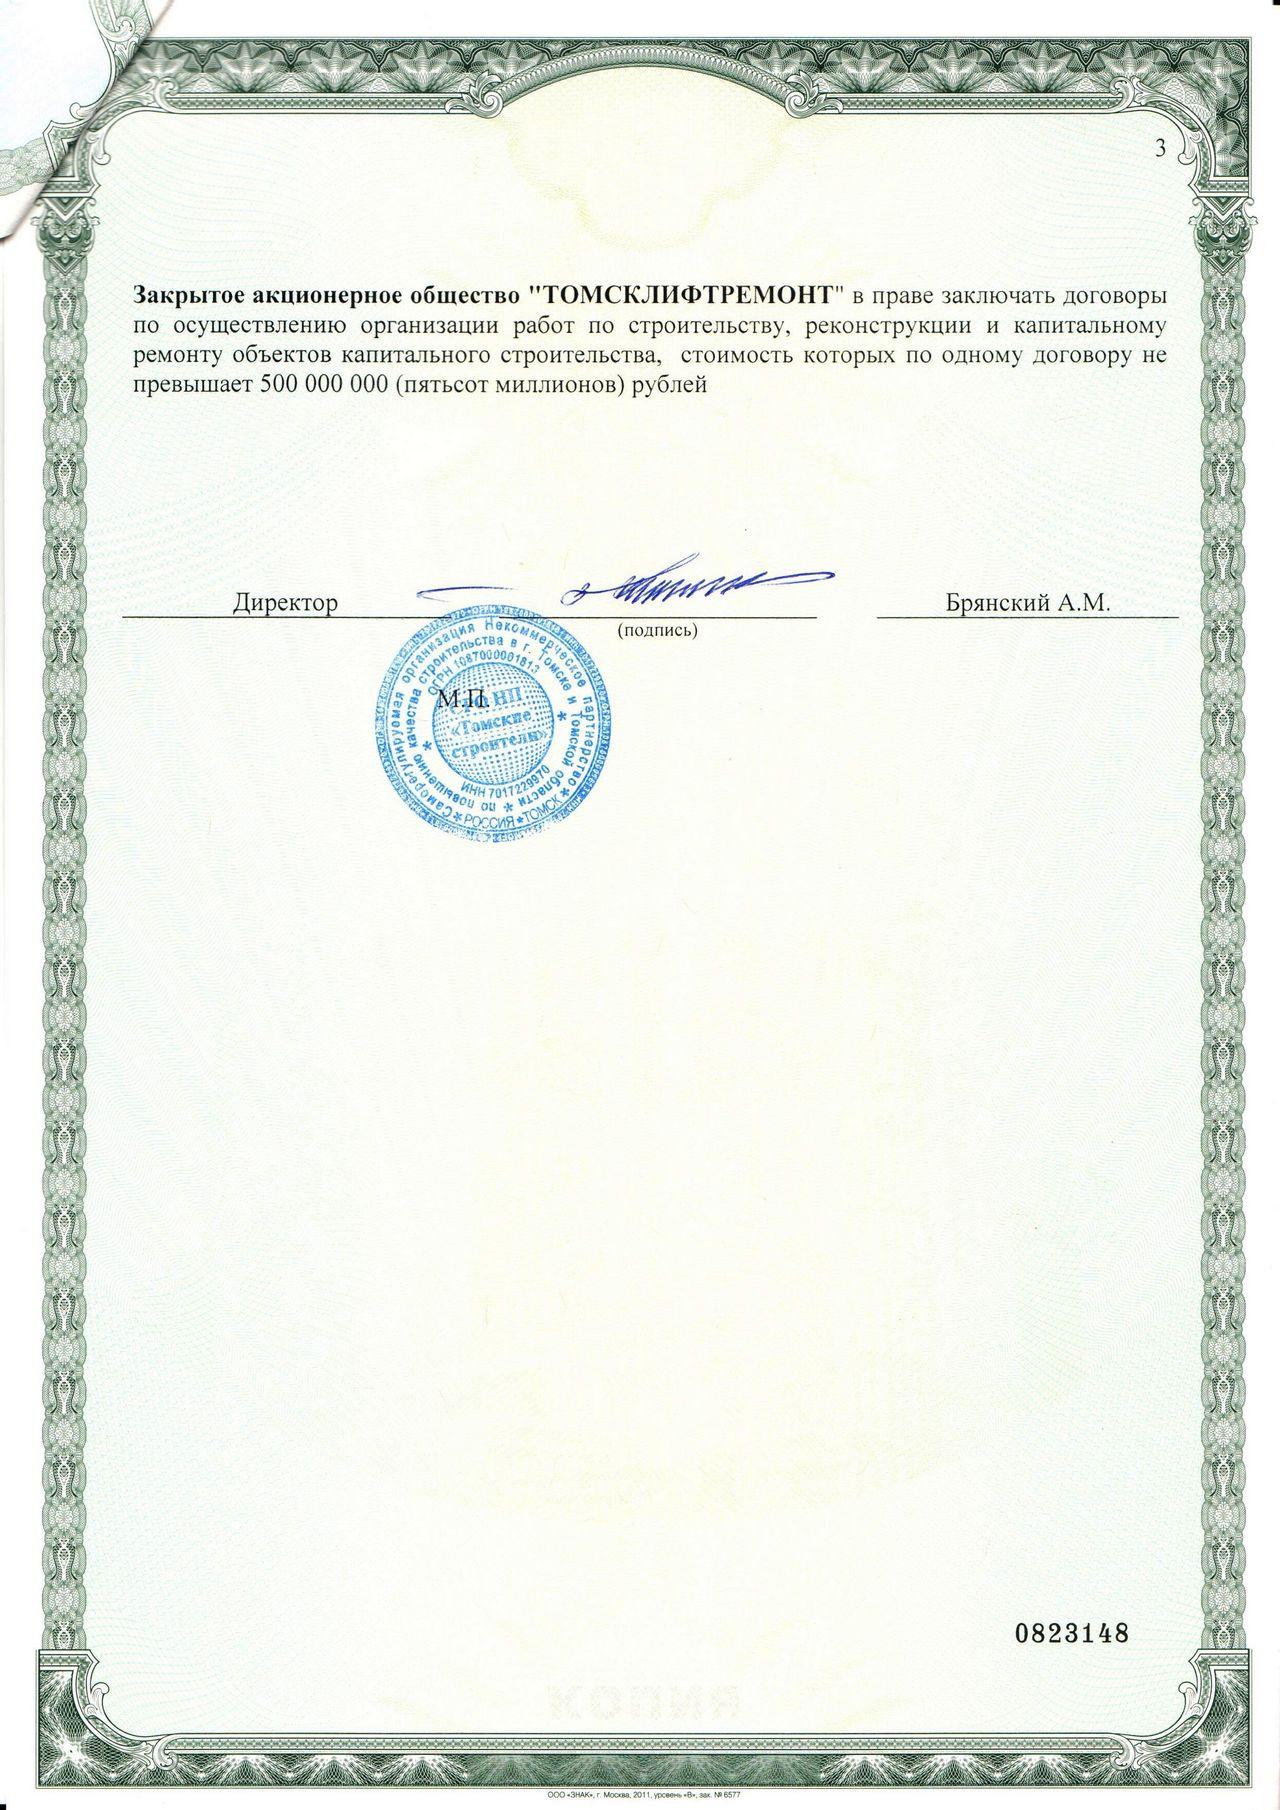 Свидетельства и дипломы АО ТомскЛифтРемонт  Дипломы